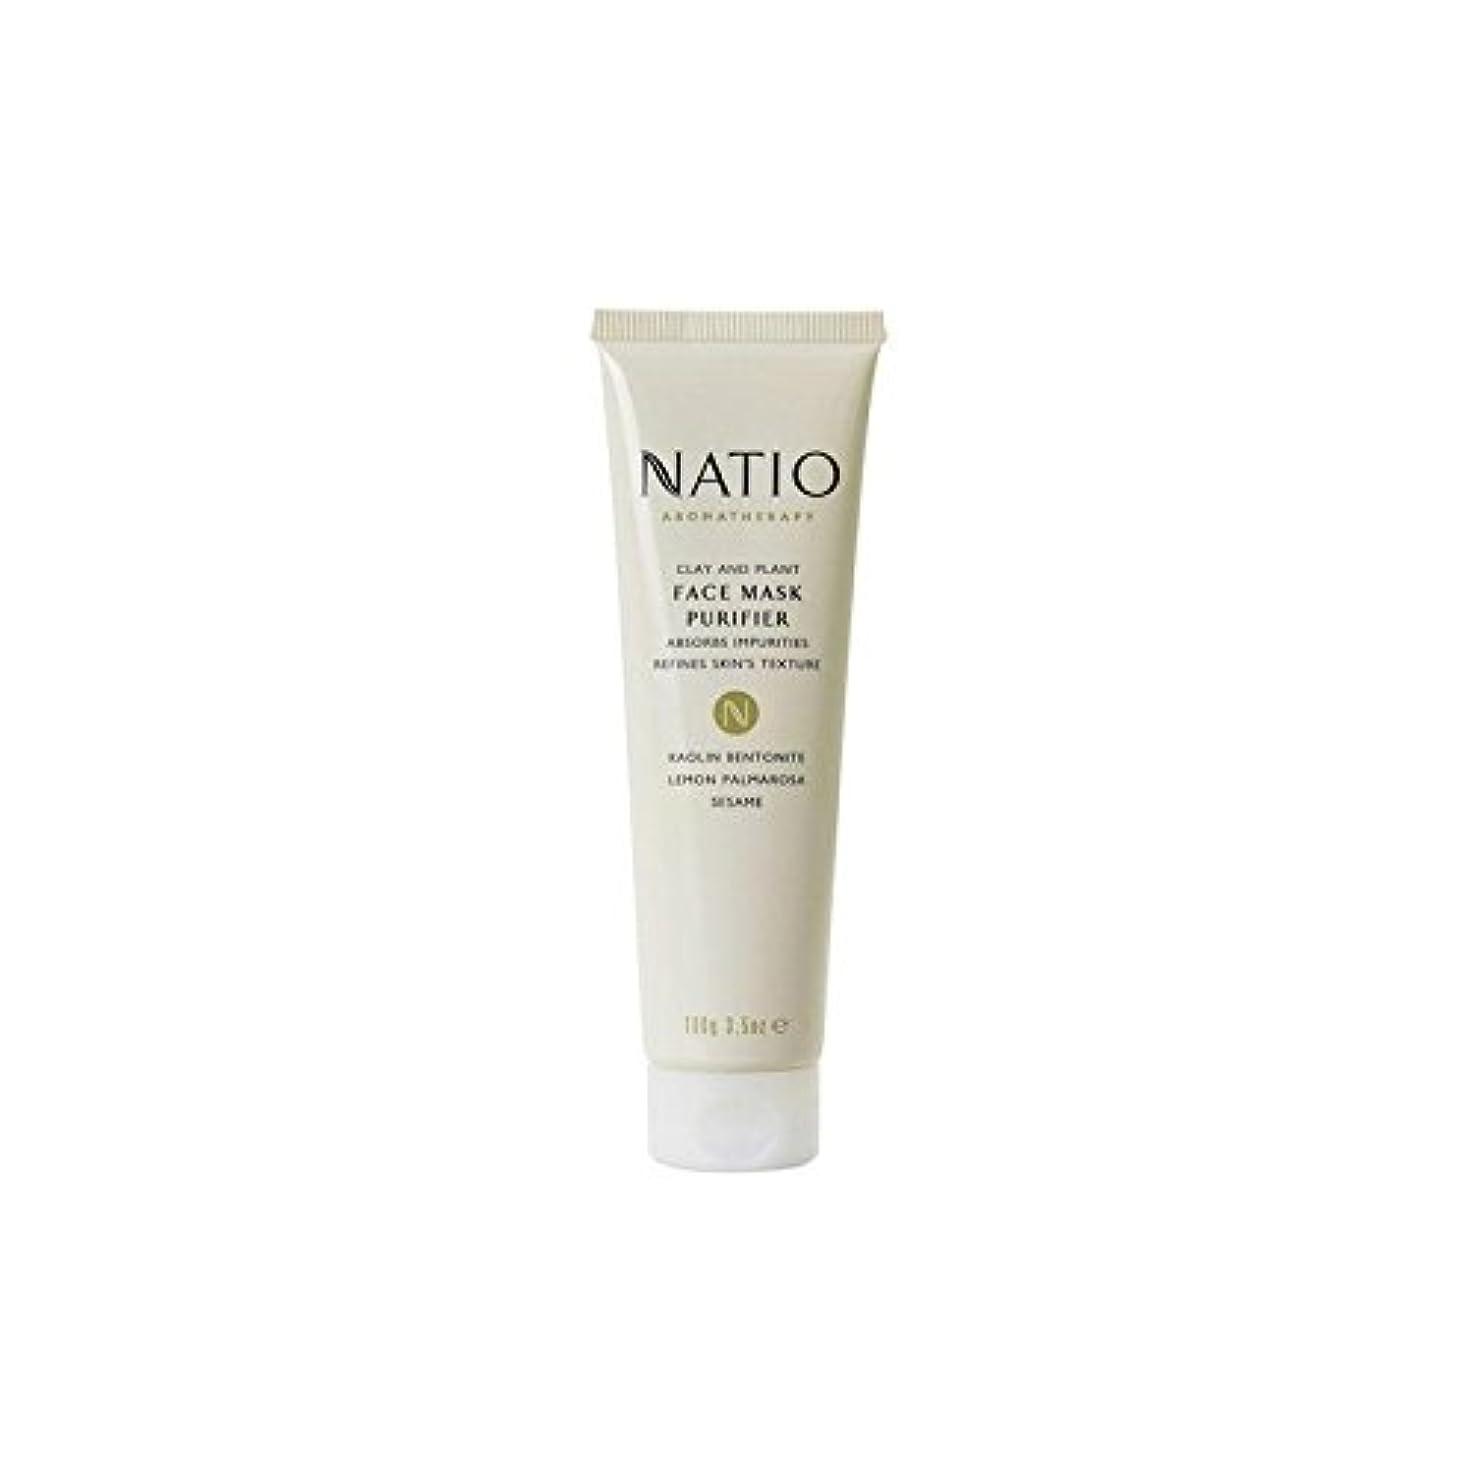 自伝難民アフリカ人Natio Clay & Plant Face Mask Purifier (100G) (Pack of 6) - 粘土&植物フェイスマスクの浄化(100グラム) x6 [並行輸入品]